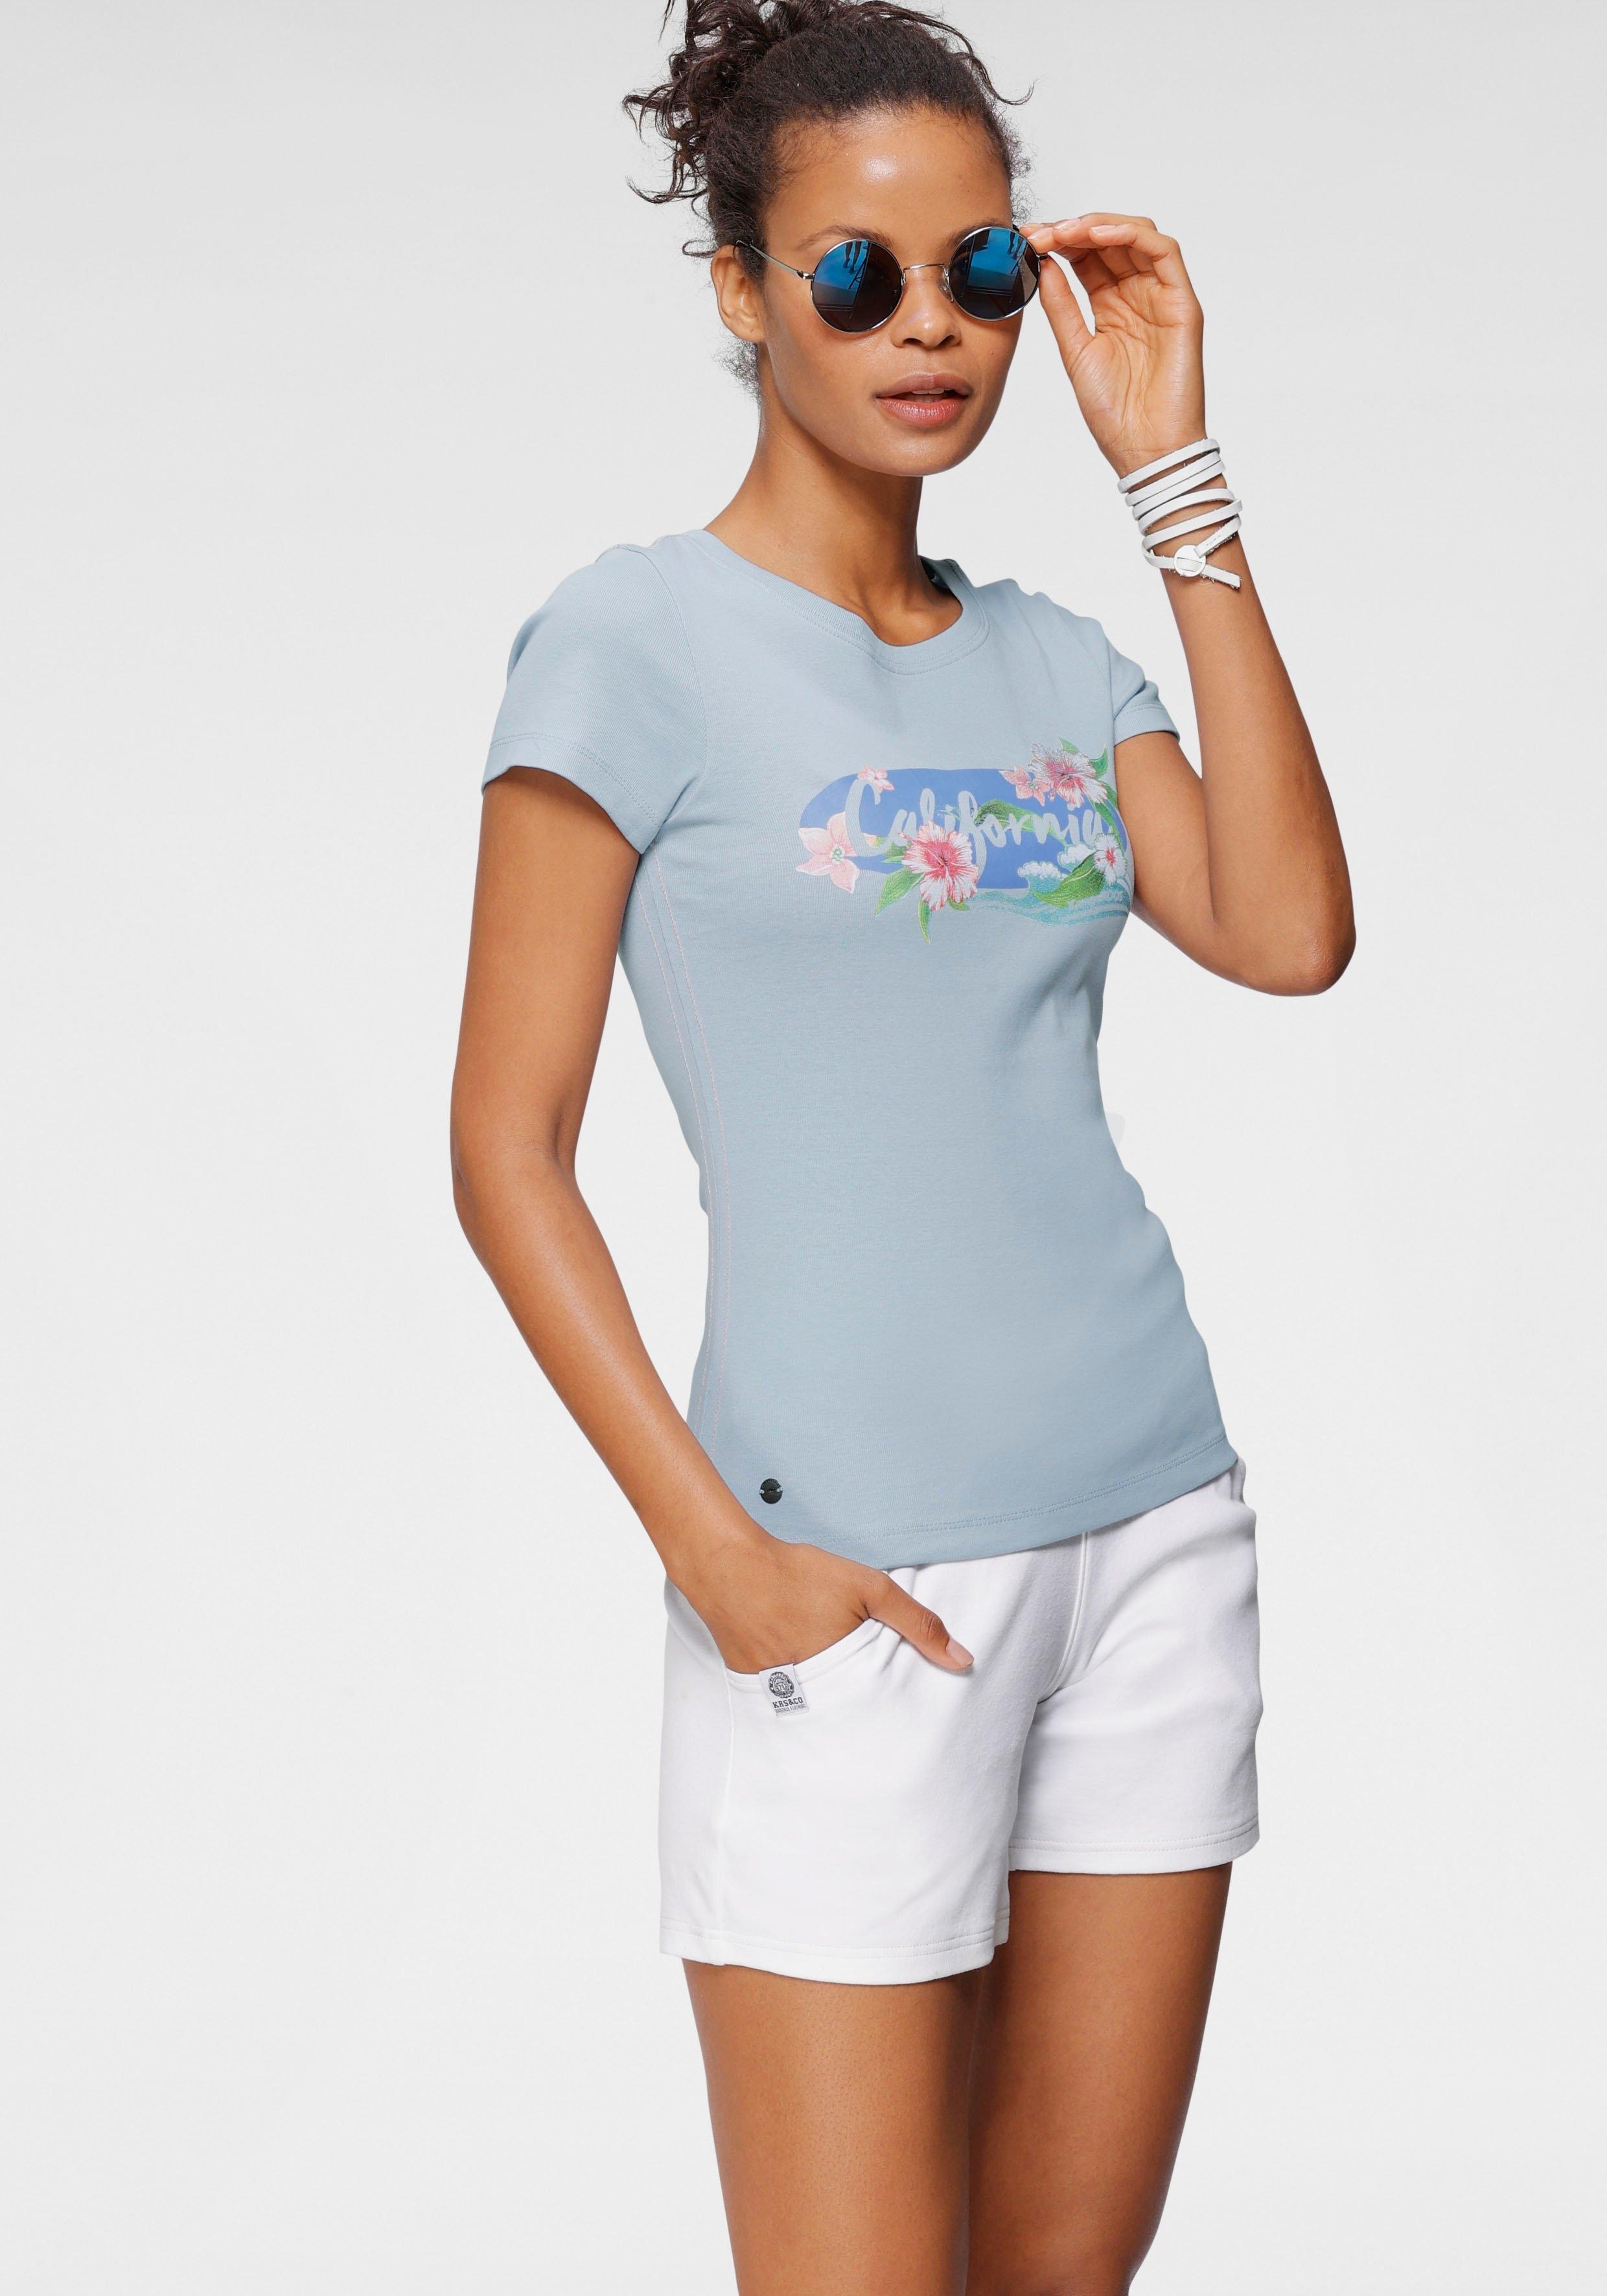 KangaROOS T-shirt met print in california-stijl voordelig en veilig online kopen